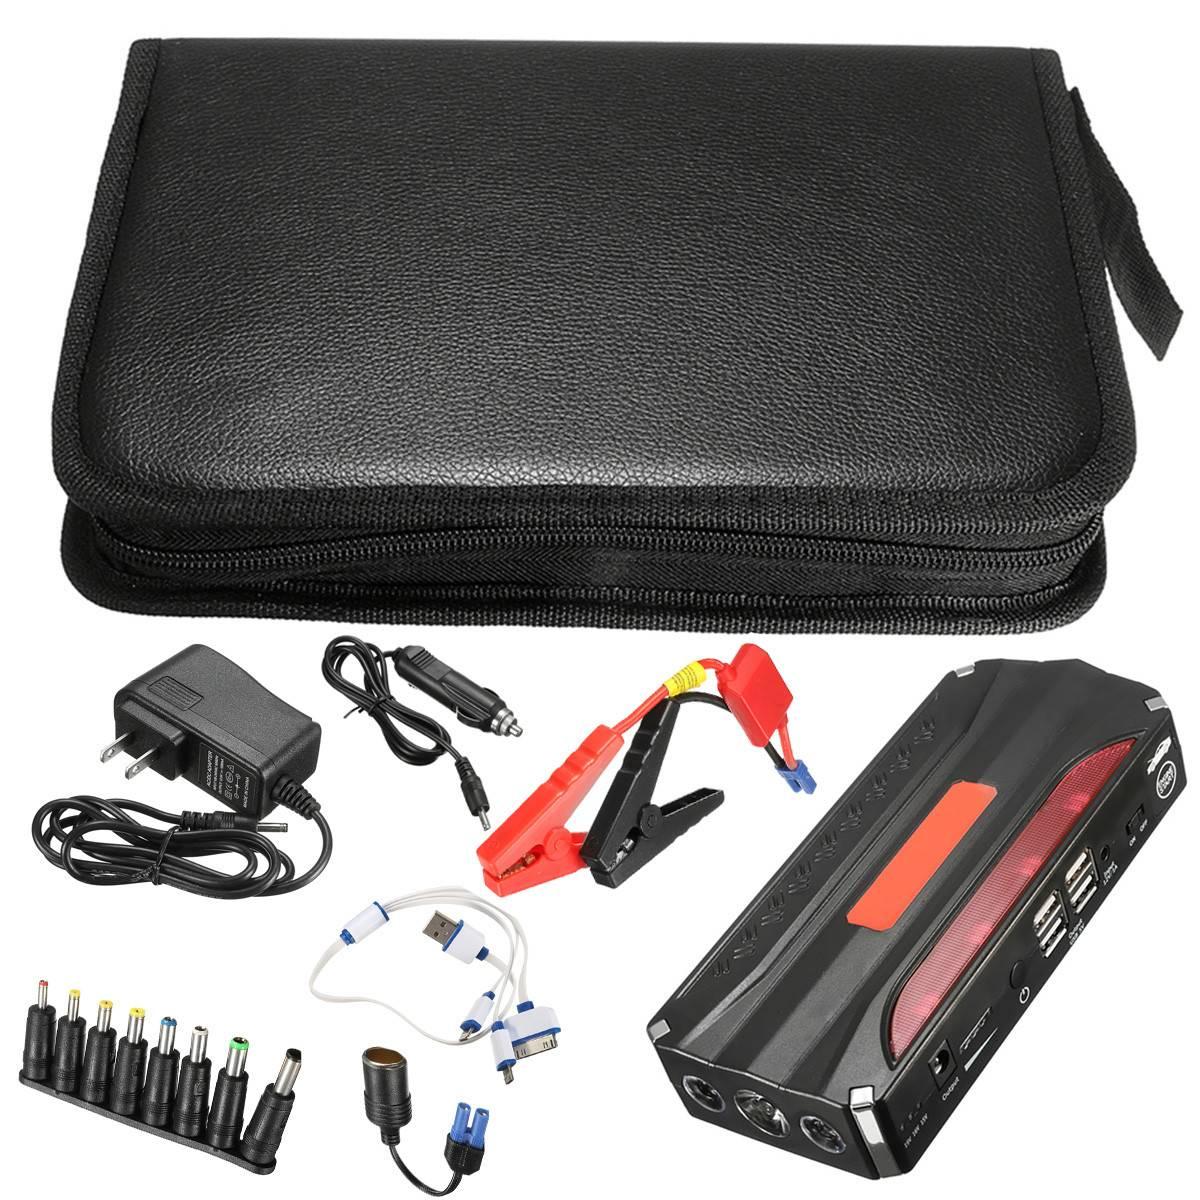 Multi Функция практичный 69800 мАч светодио дный 4 USB автомобиль пусковой стартер Booster портативный запасные аккумуляторы для телефонов резервног...